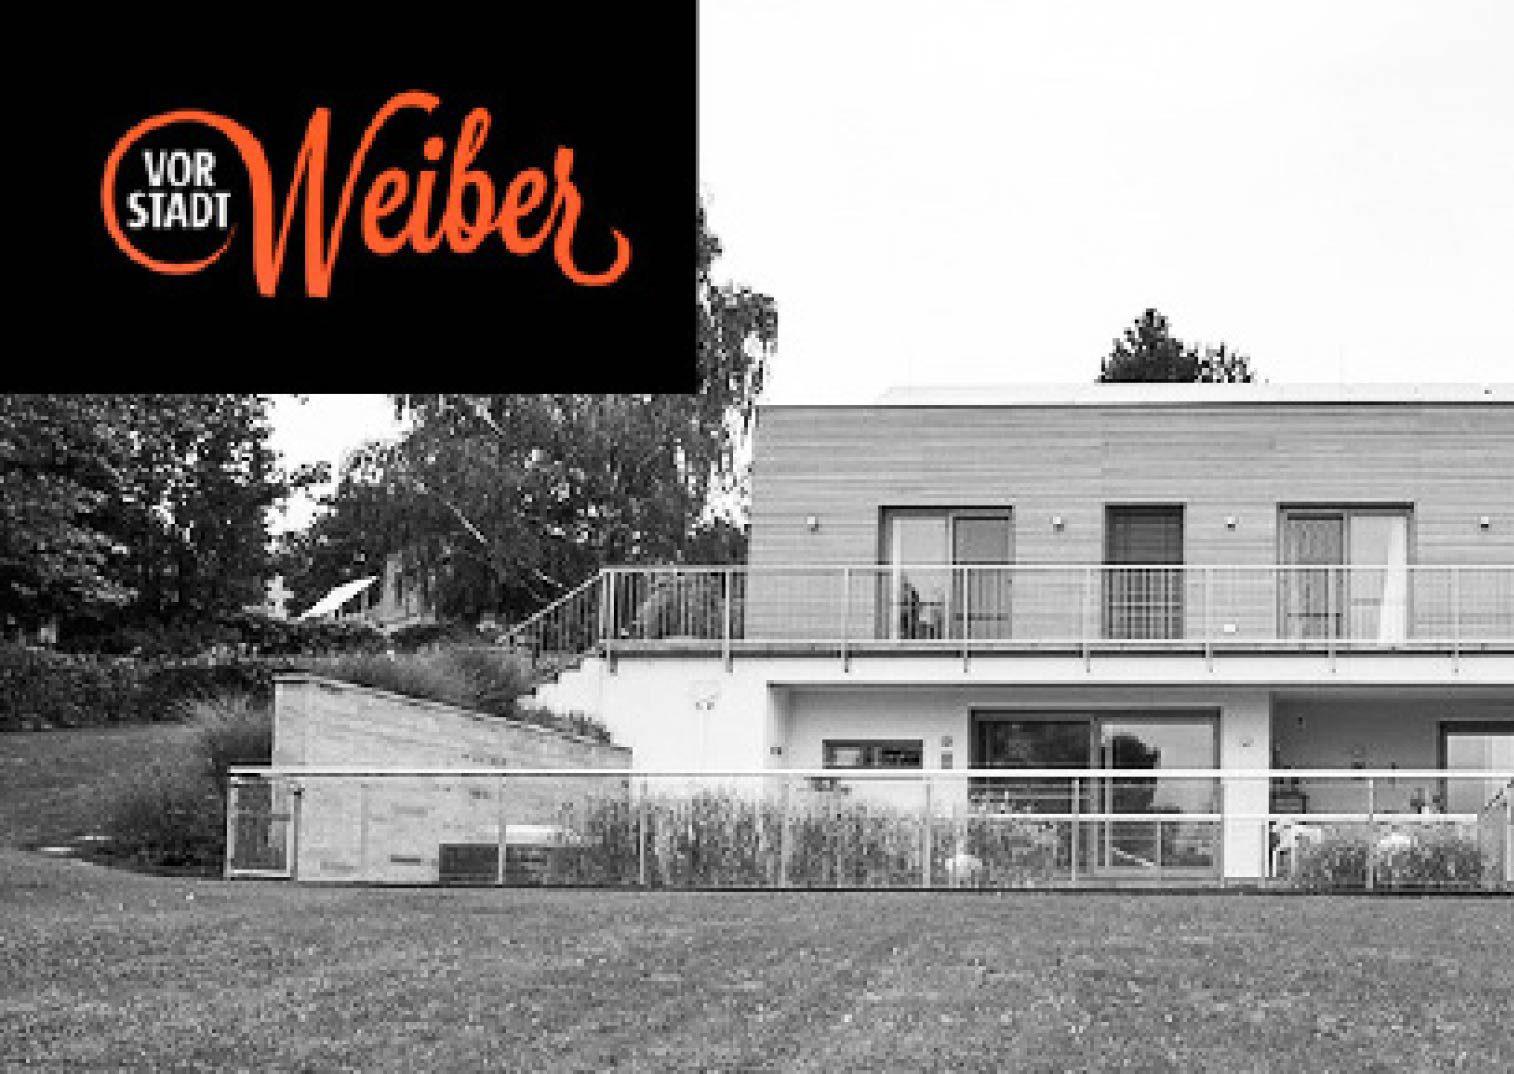 wunschhaus-news1_2500-1578-2